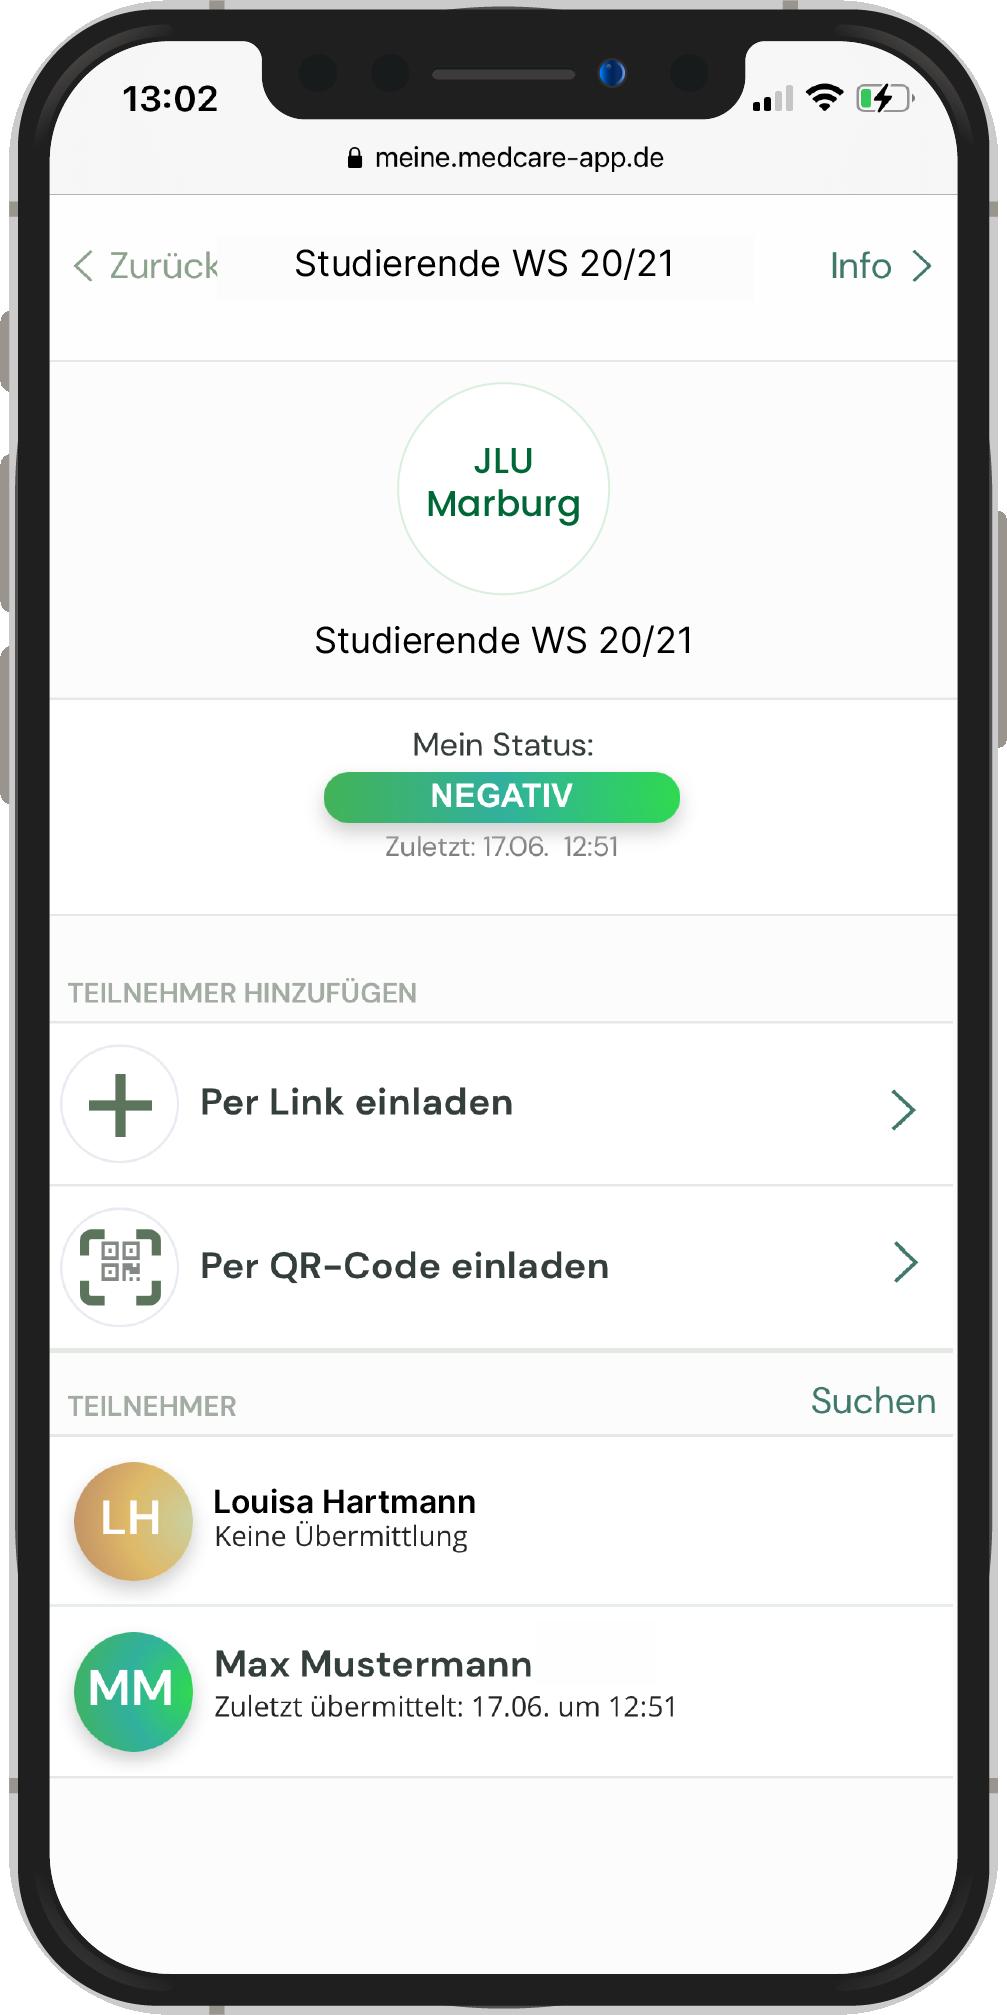 Sie können neue Mitglieder in Ihre Gruppe einladen, indem Sie den Link zu Ihrer Gruppe teilen, oder indem die Person den Gruppen QR-Code scannt.